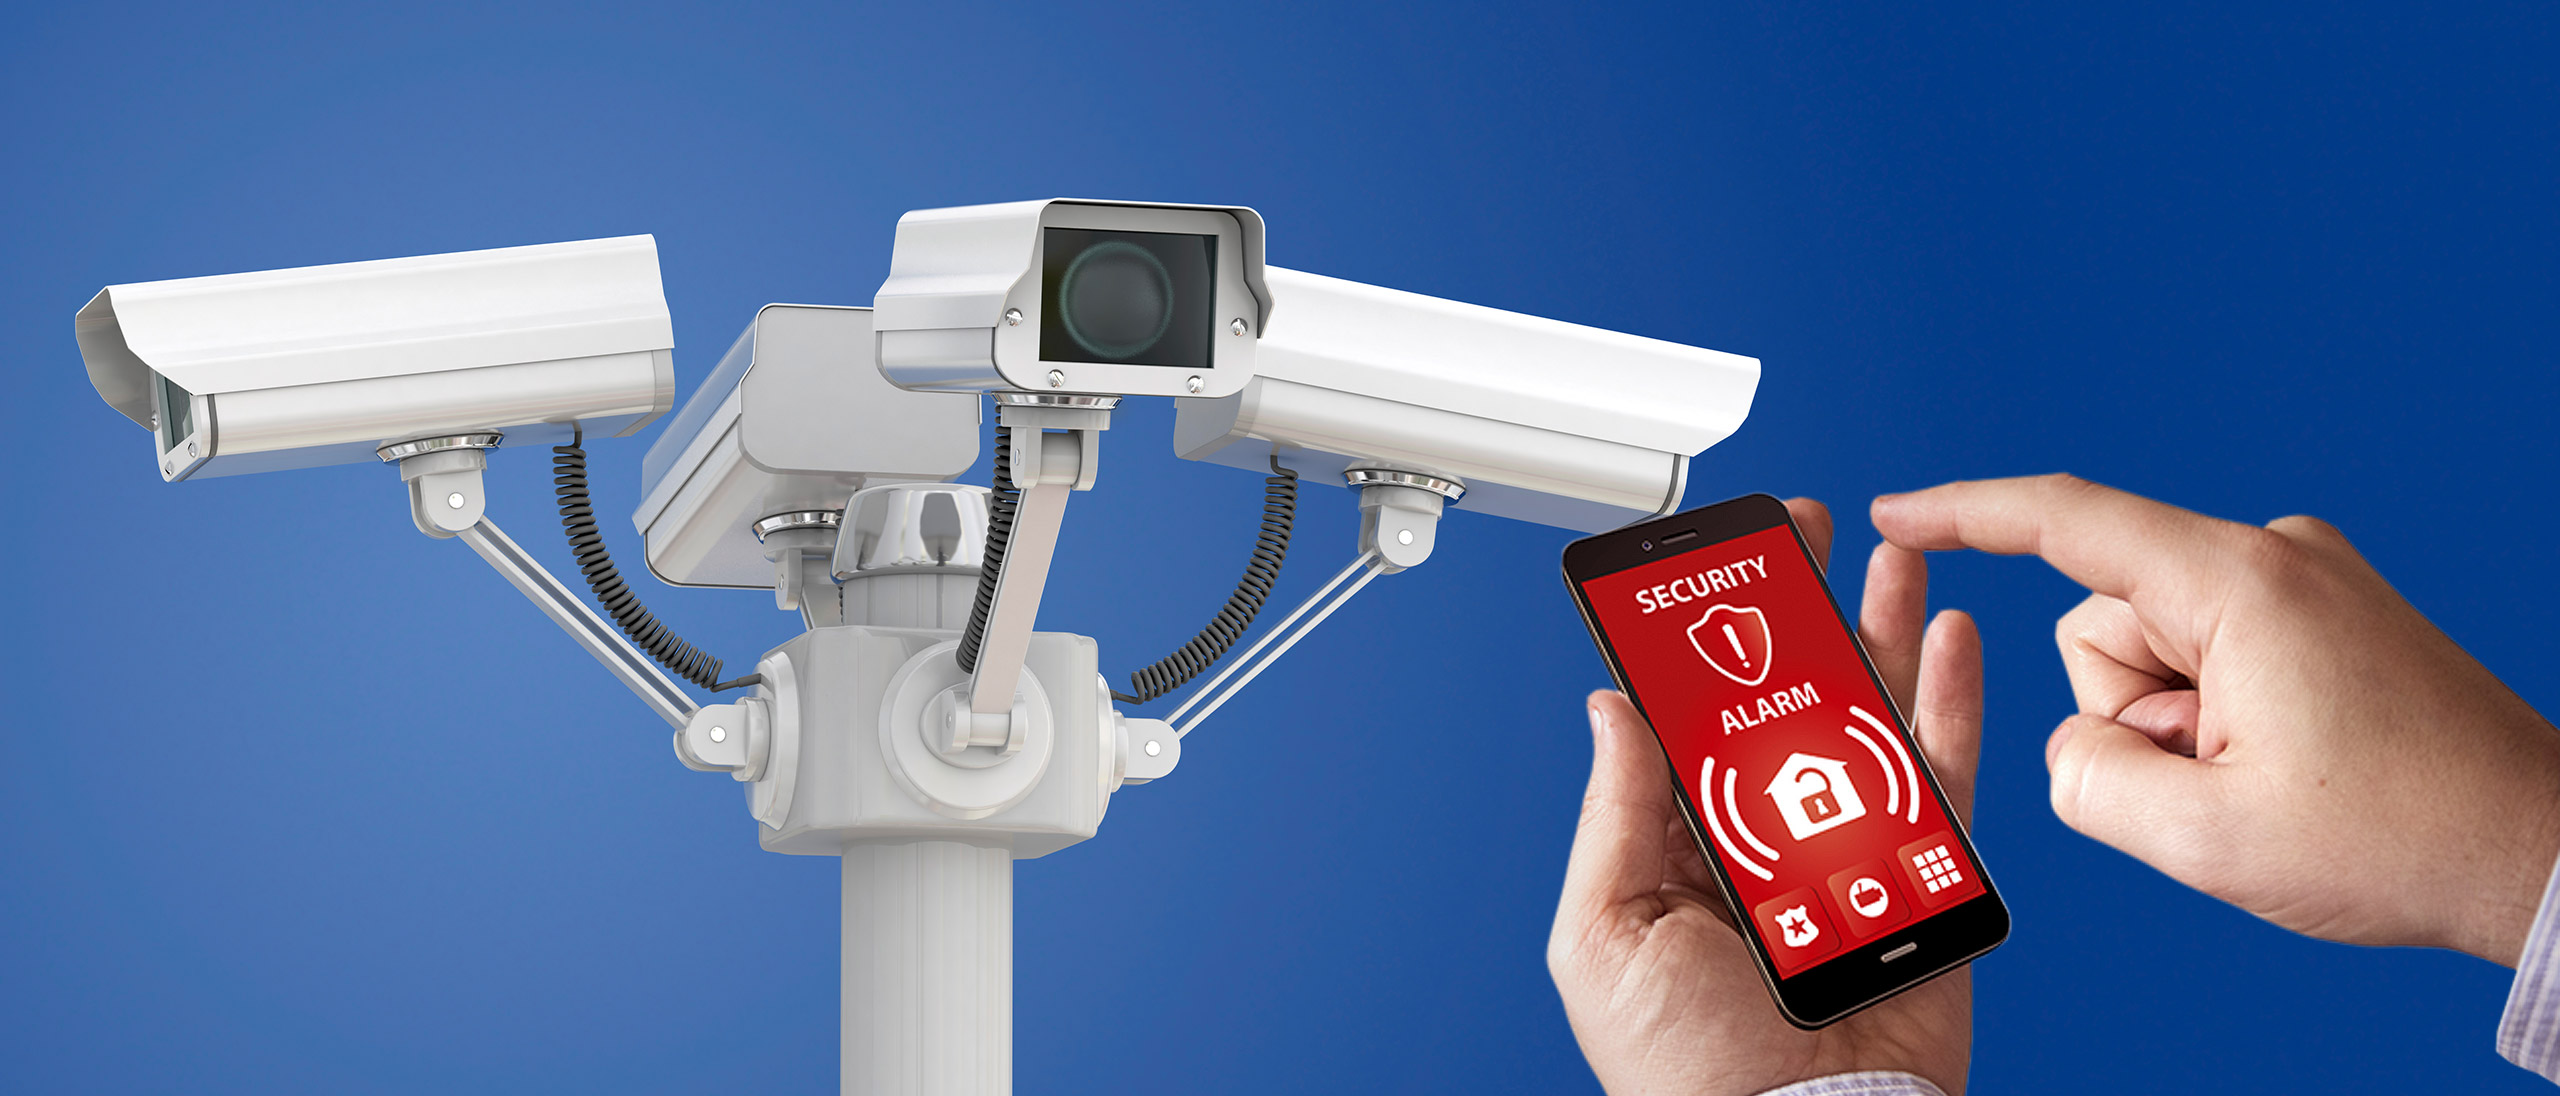 Karp GmbH Videoüberwachung